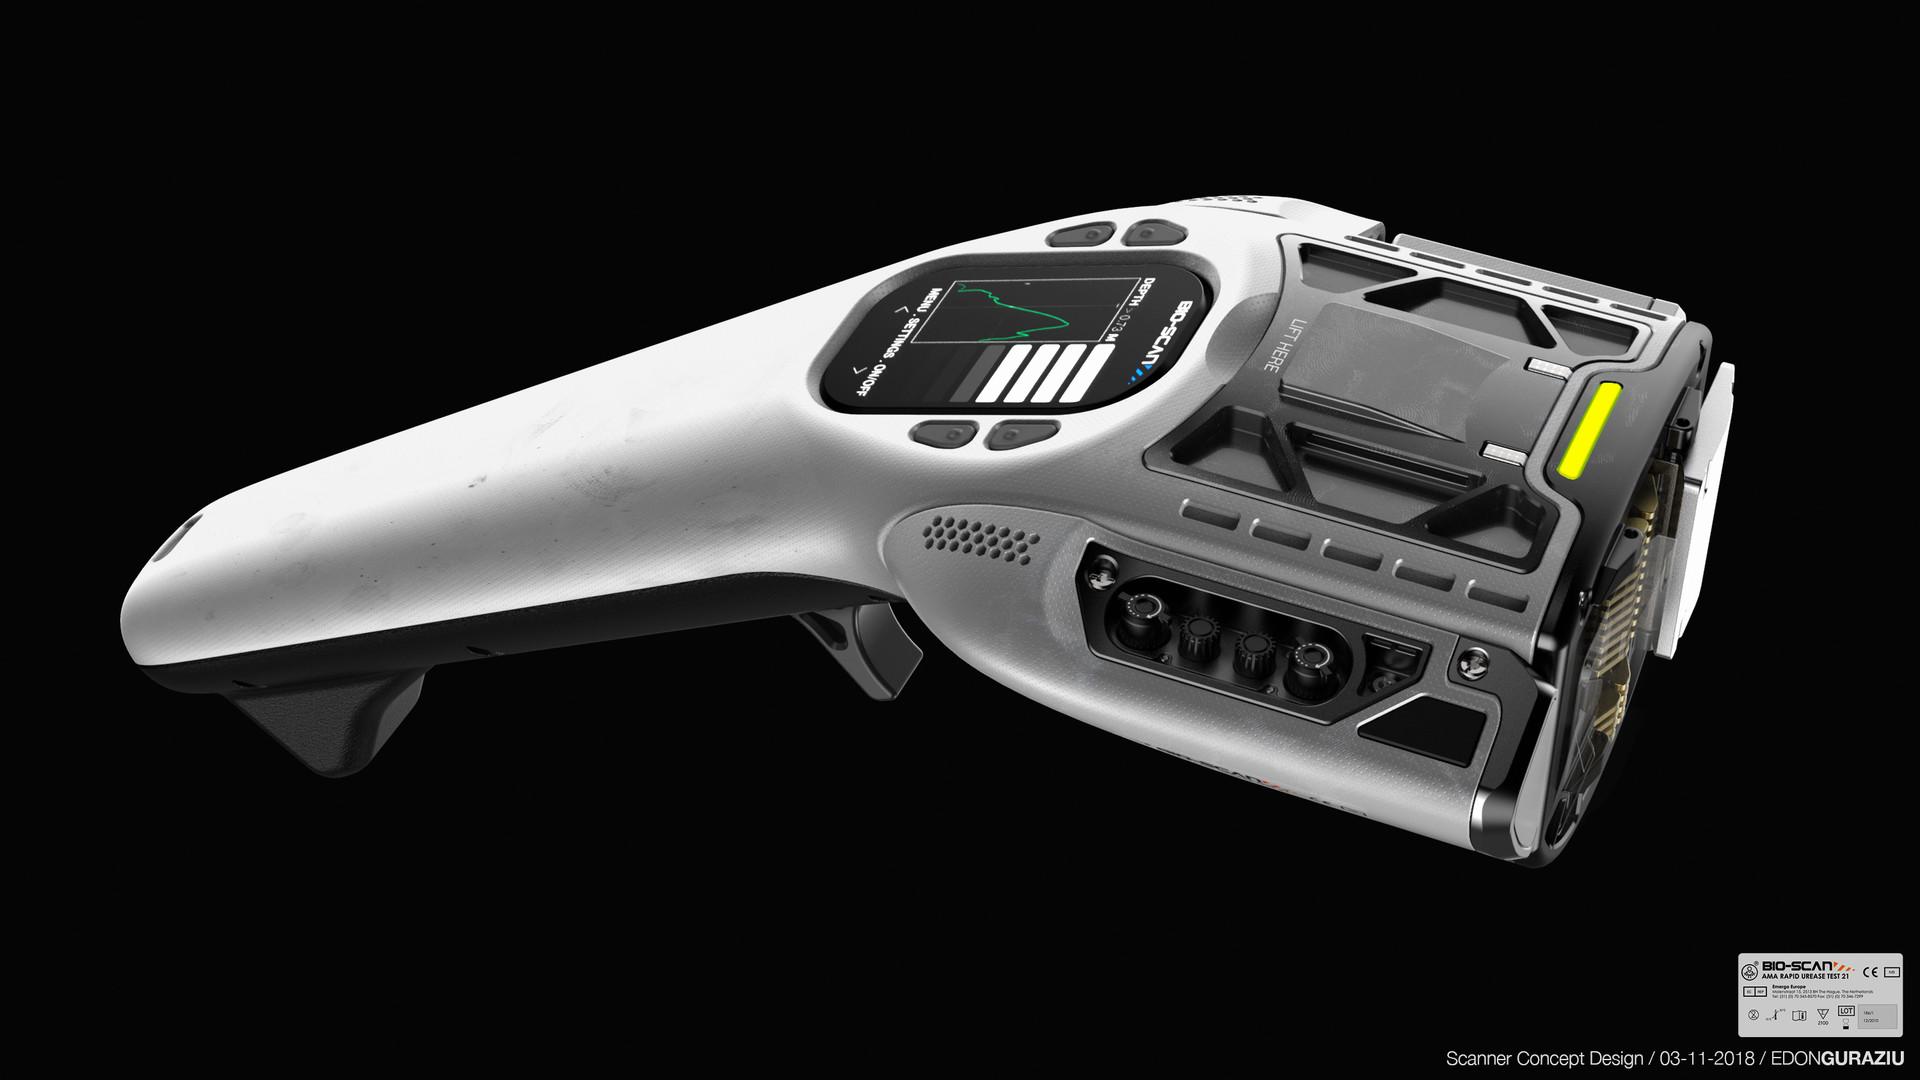 Edon guraziu scannerdesignwhite 002